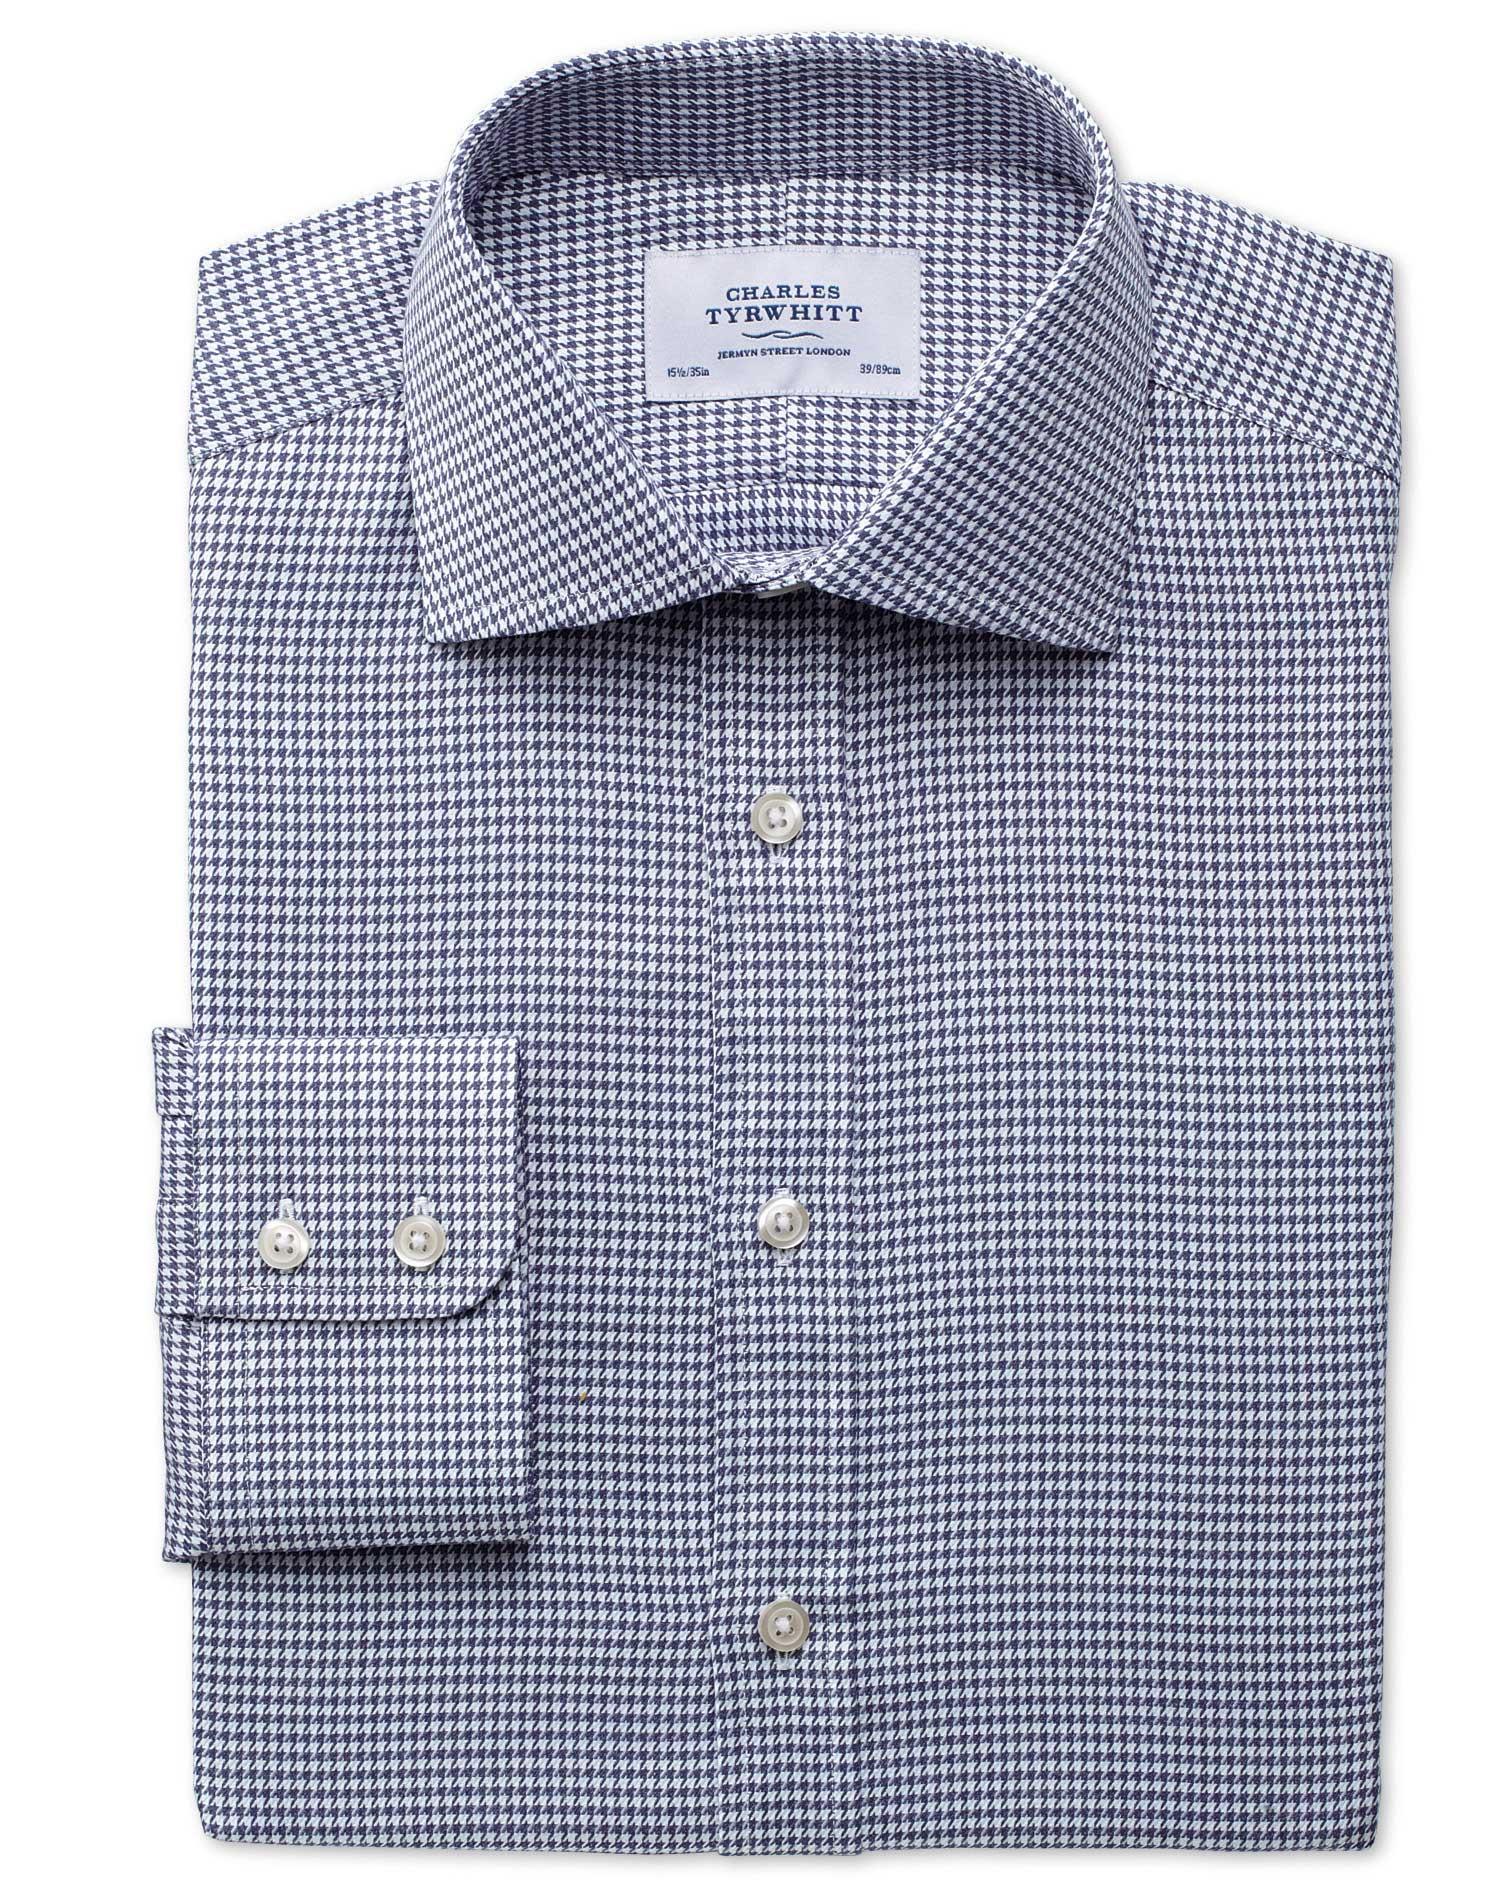 Extra Slim Fit Semi-Cutaway Collar Melange Puppytooth Indigo Cotton Formal Shirt Single Cuff Size 16